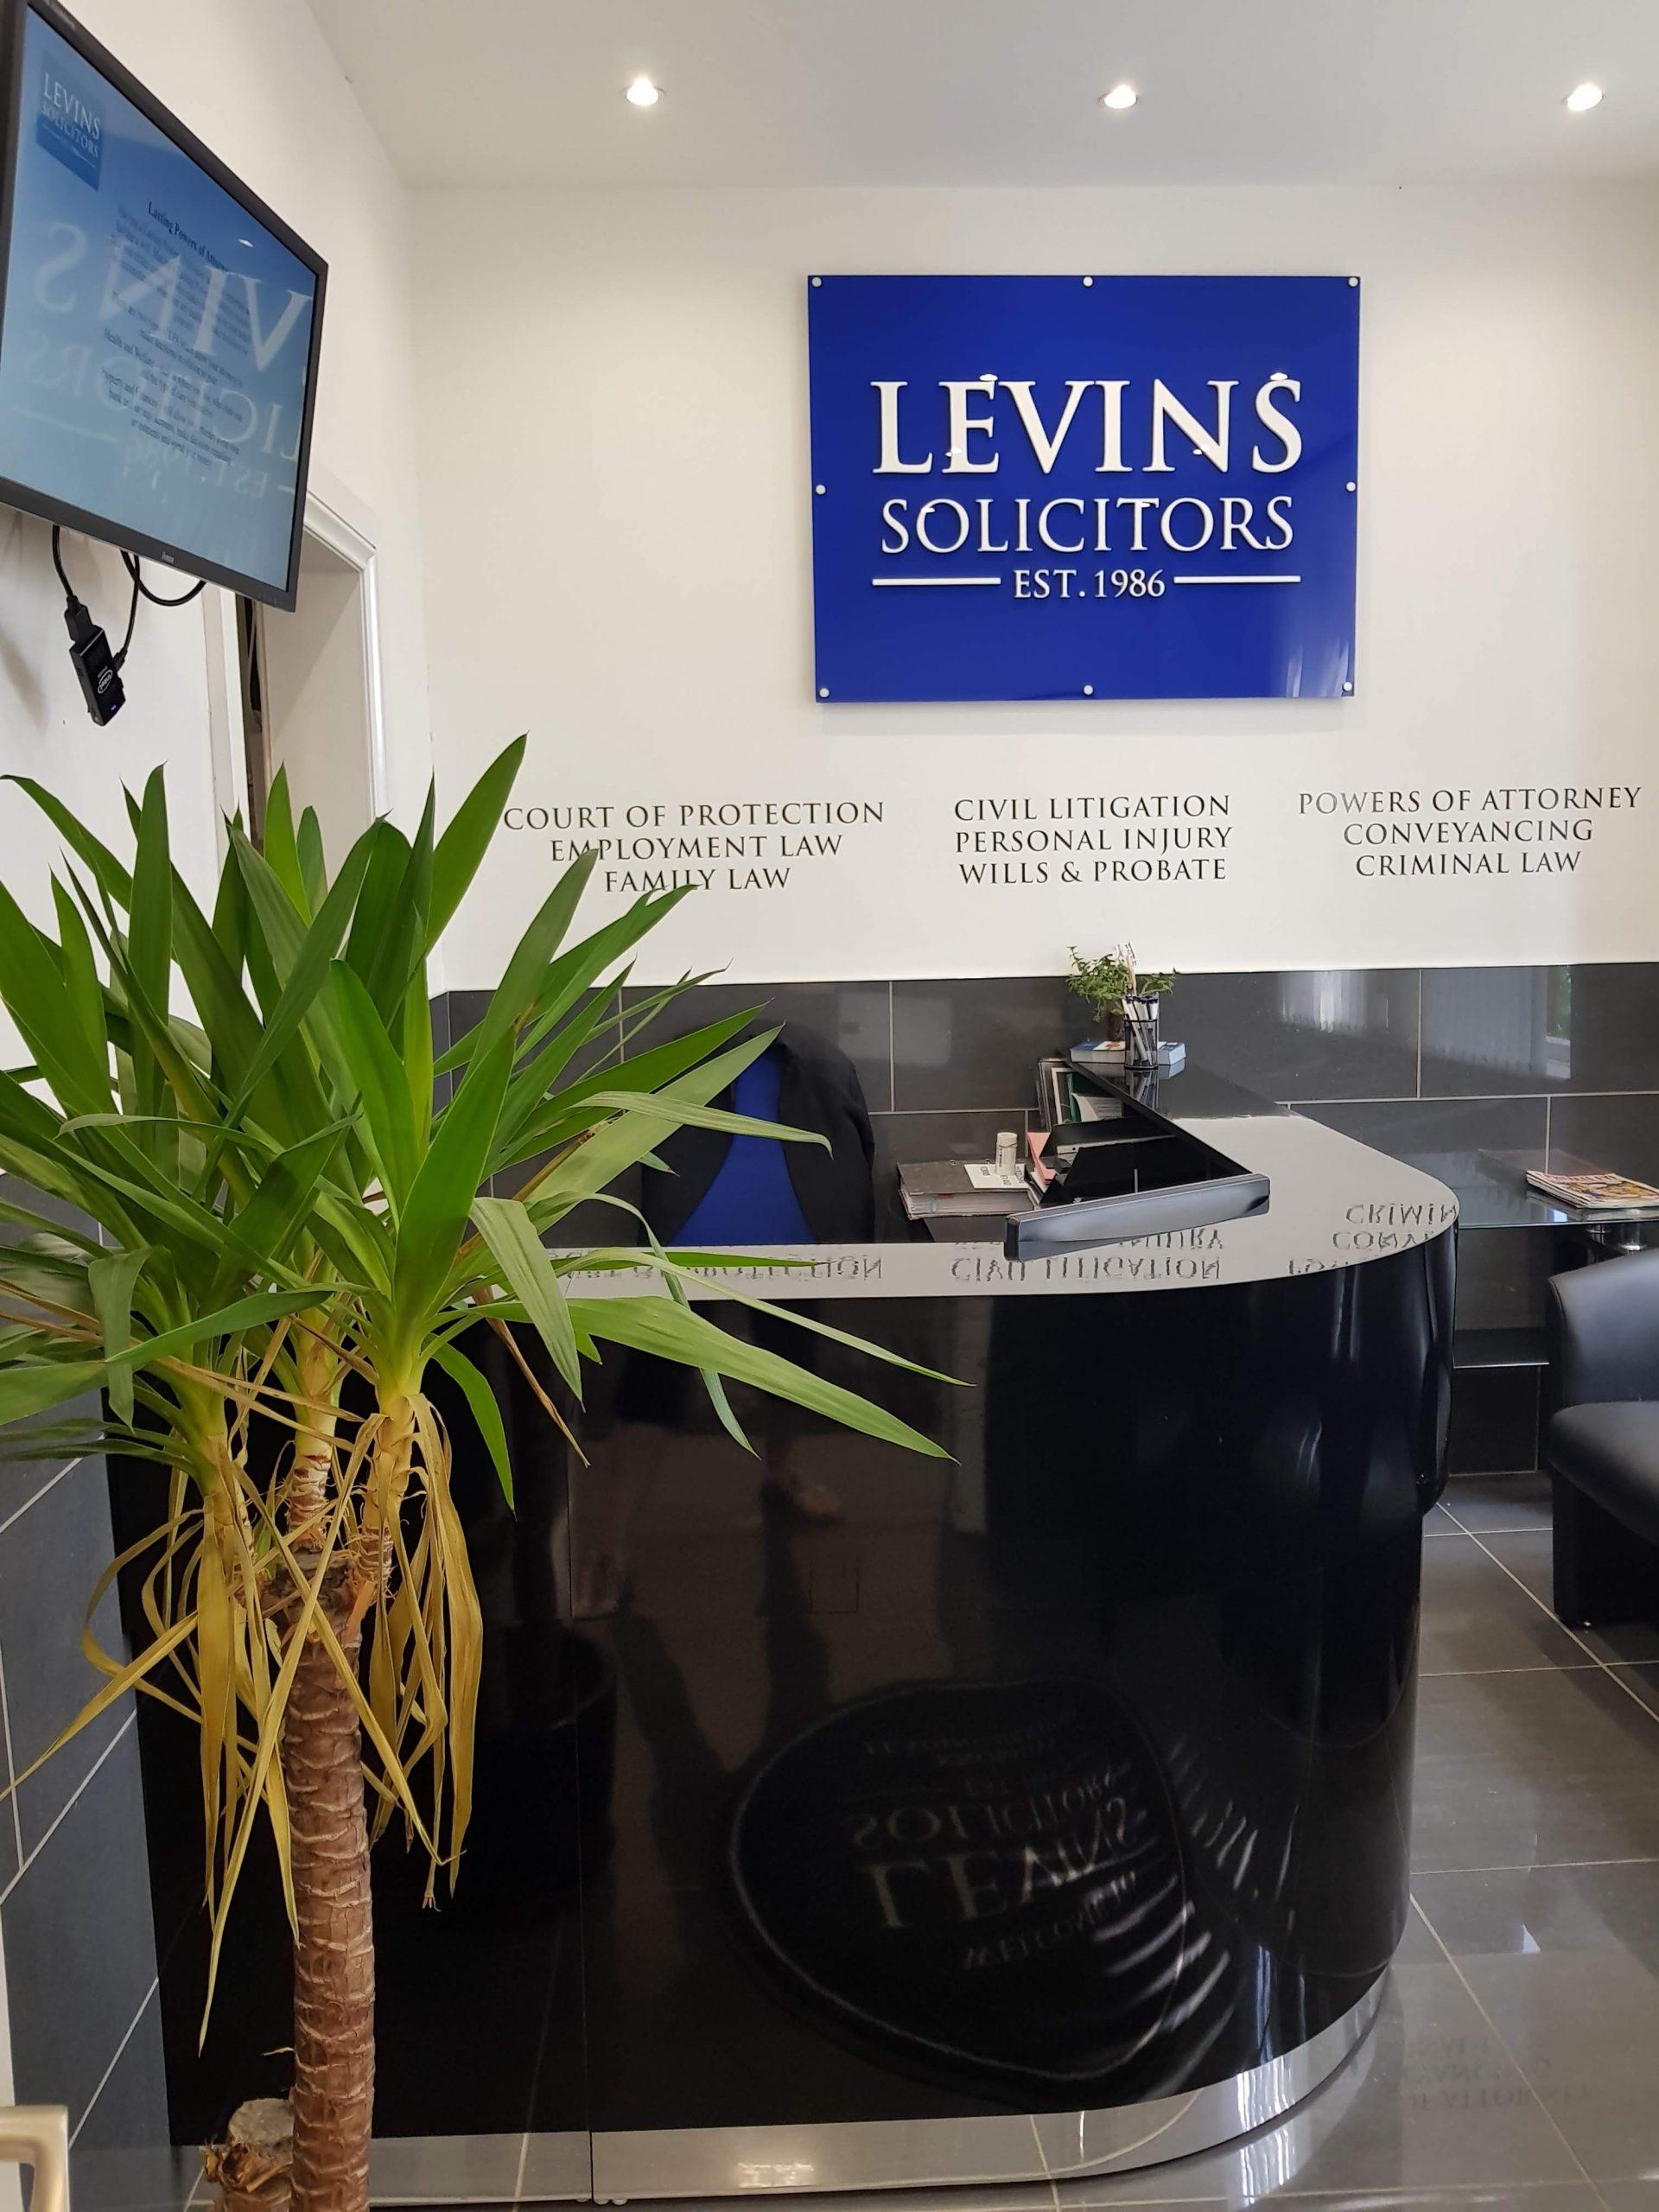 Levins Solicitors